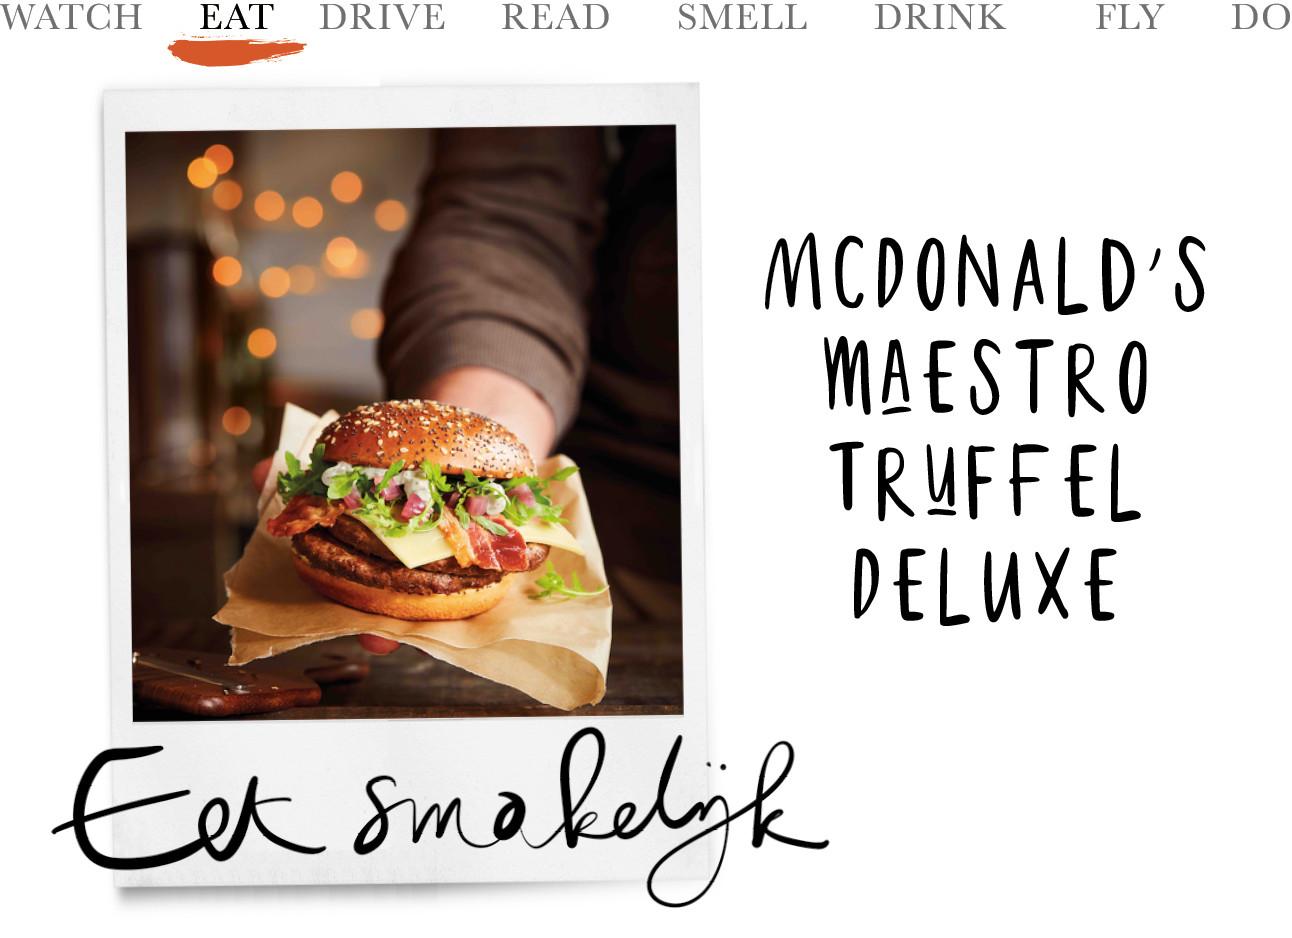 een afbeelding van de nieuwe burger met truffel van mcdonalds